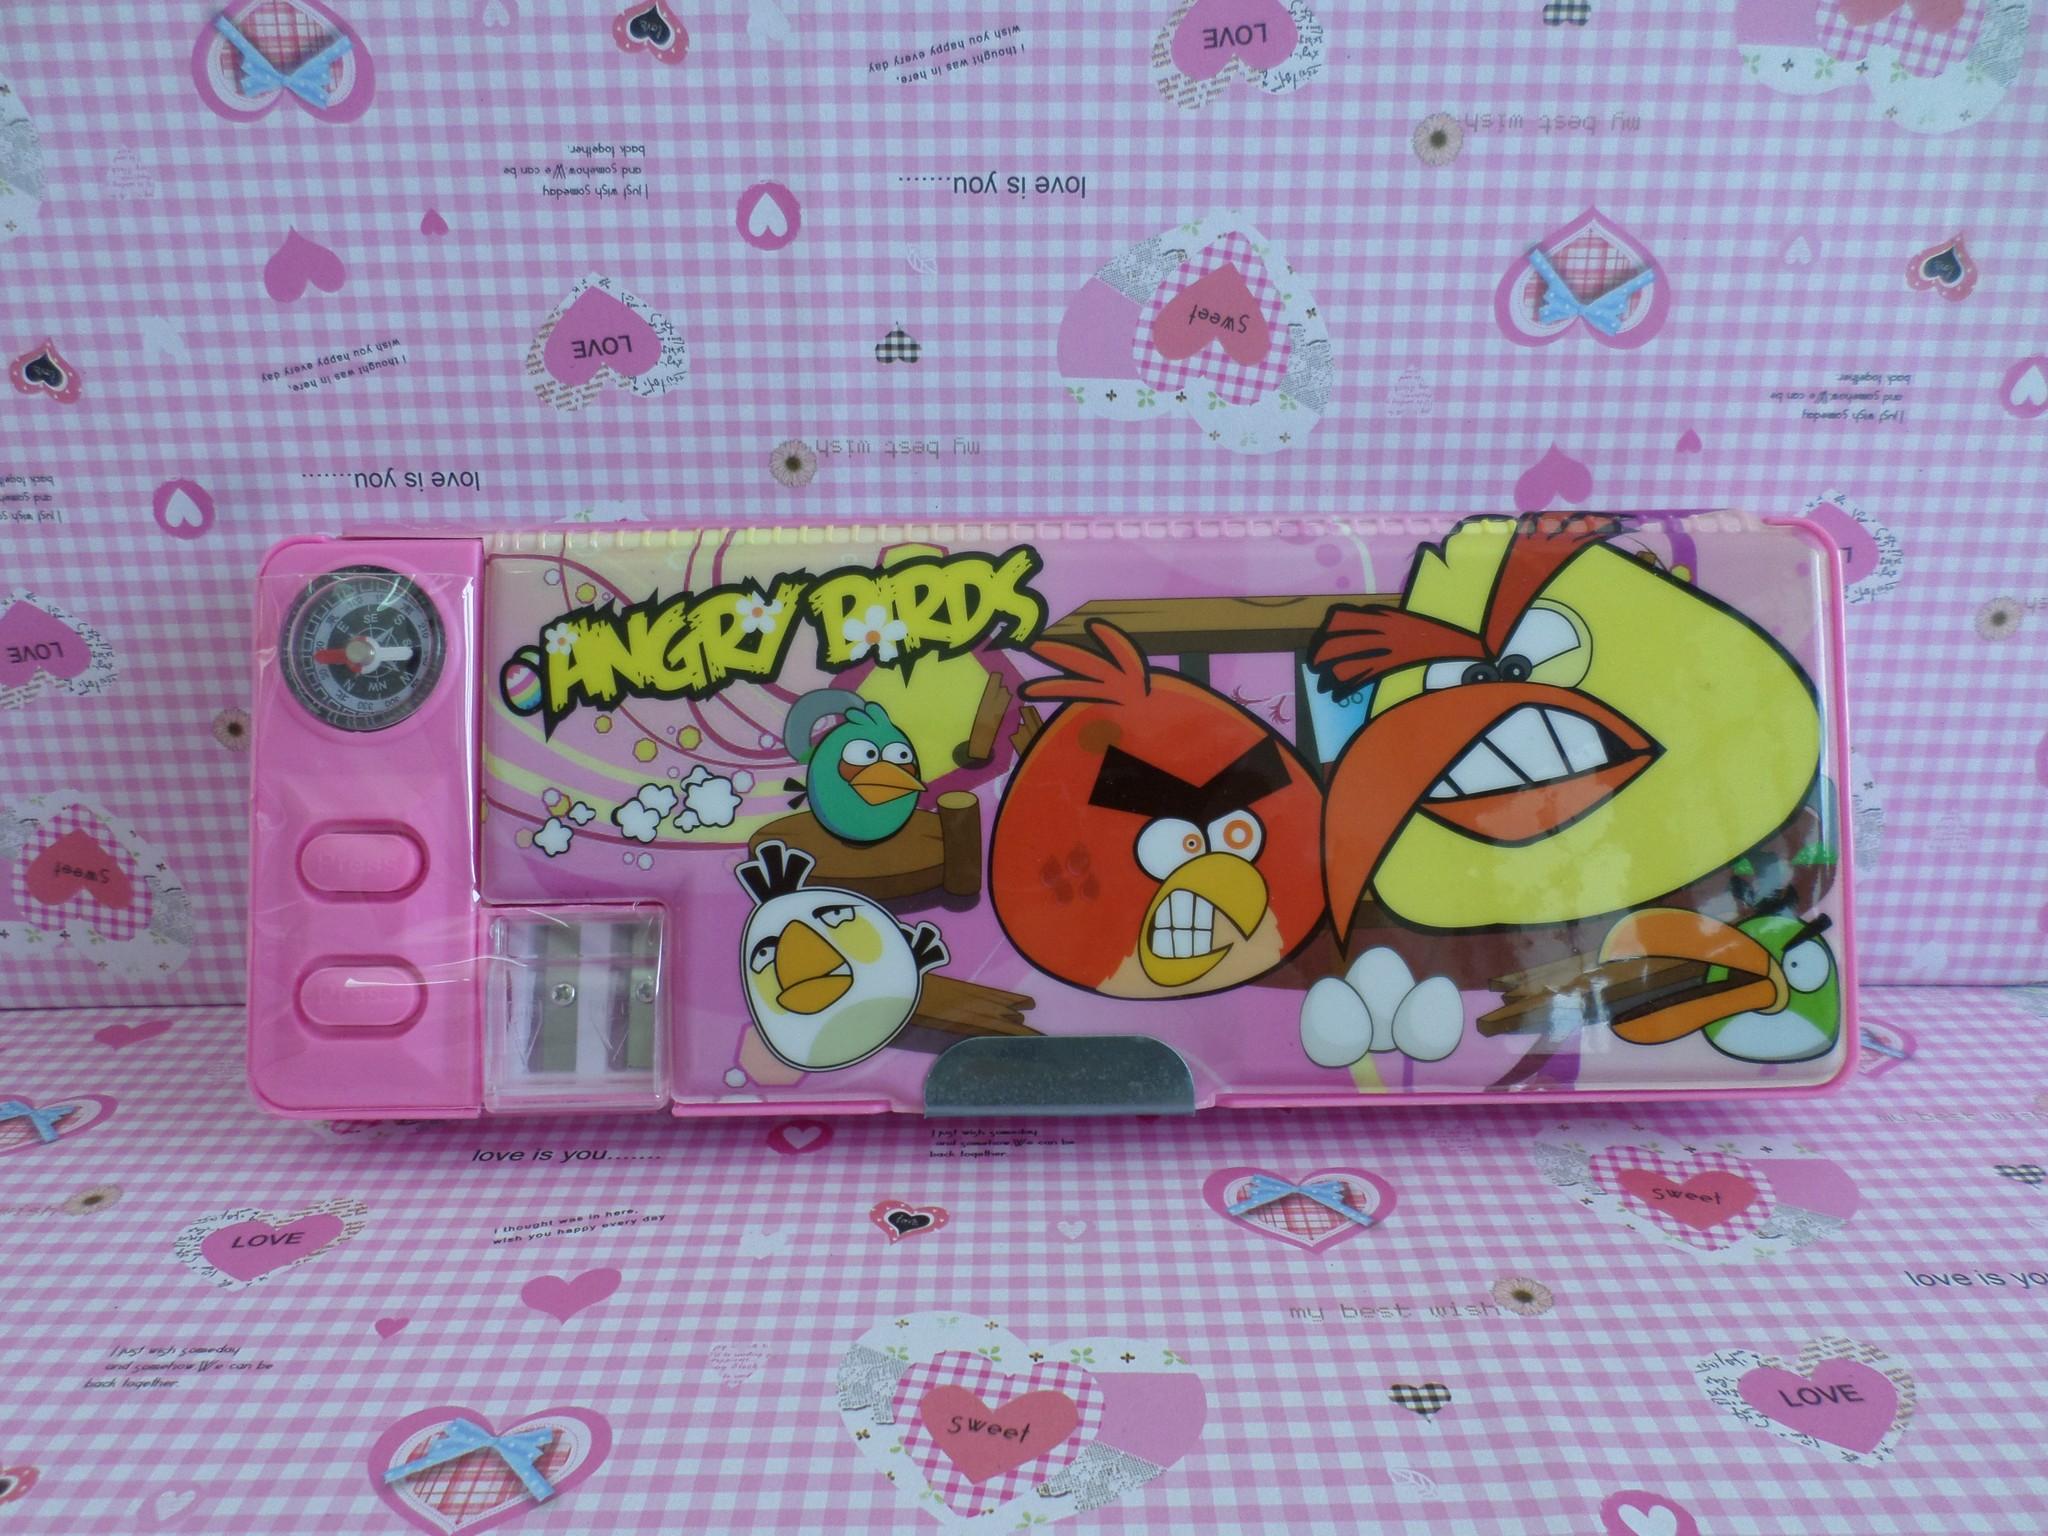 กล่องดินสอแม่เหล็ก แองกี้เบิร์ด Angry bird#2 มีกบเหลาในตัว เปิดปิดได้สองด้าน